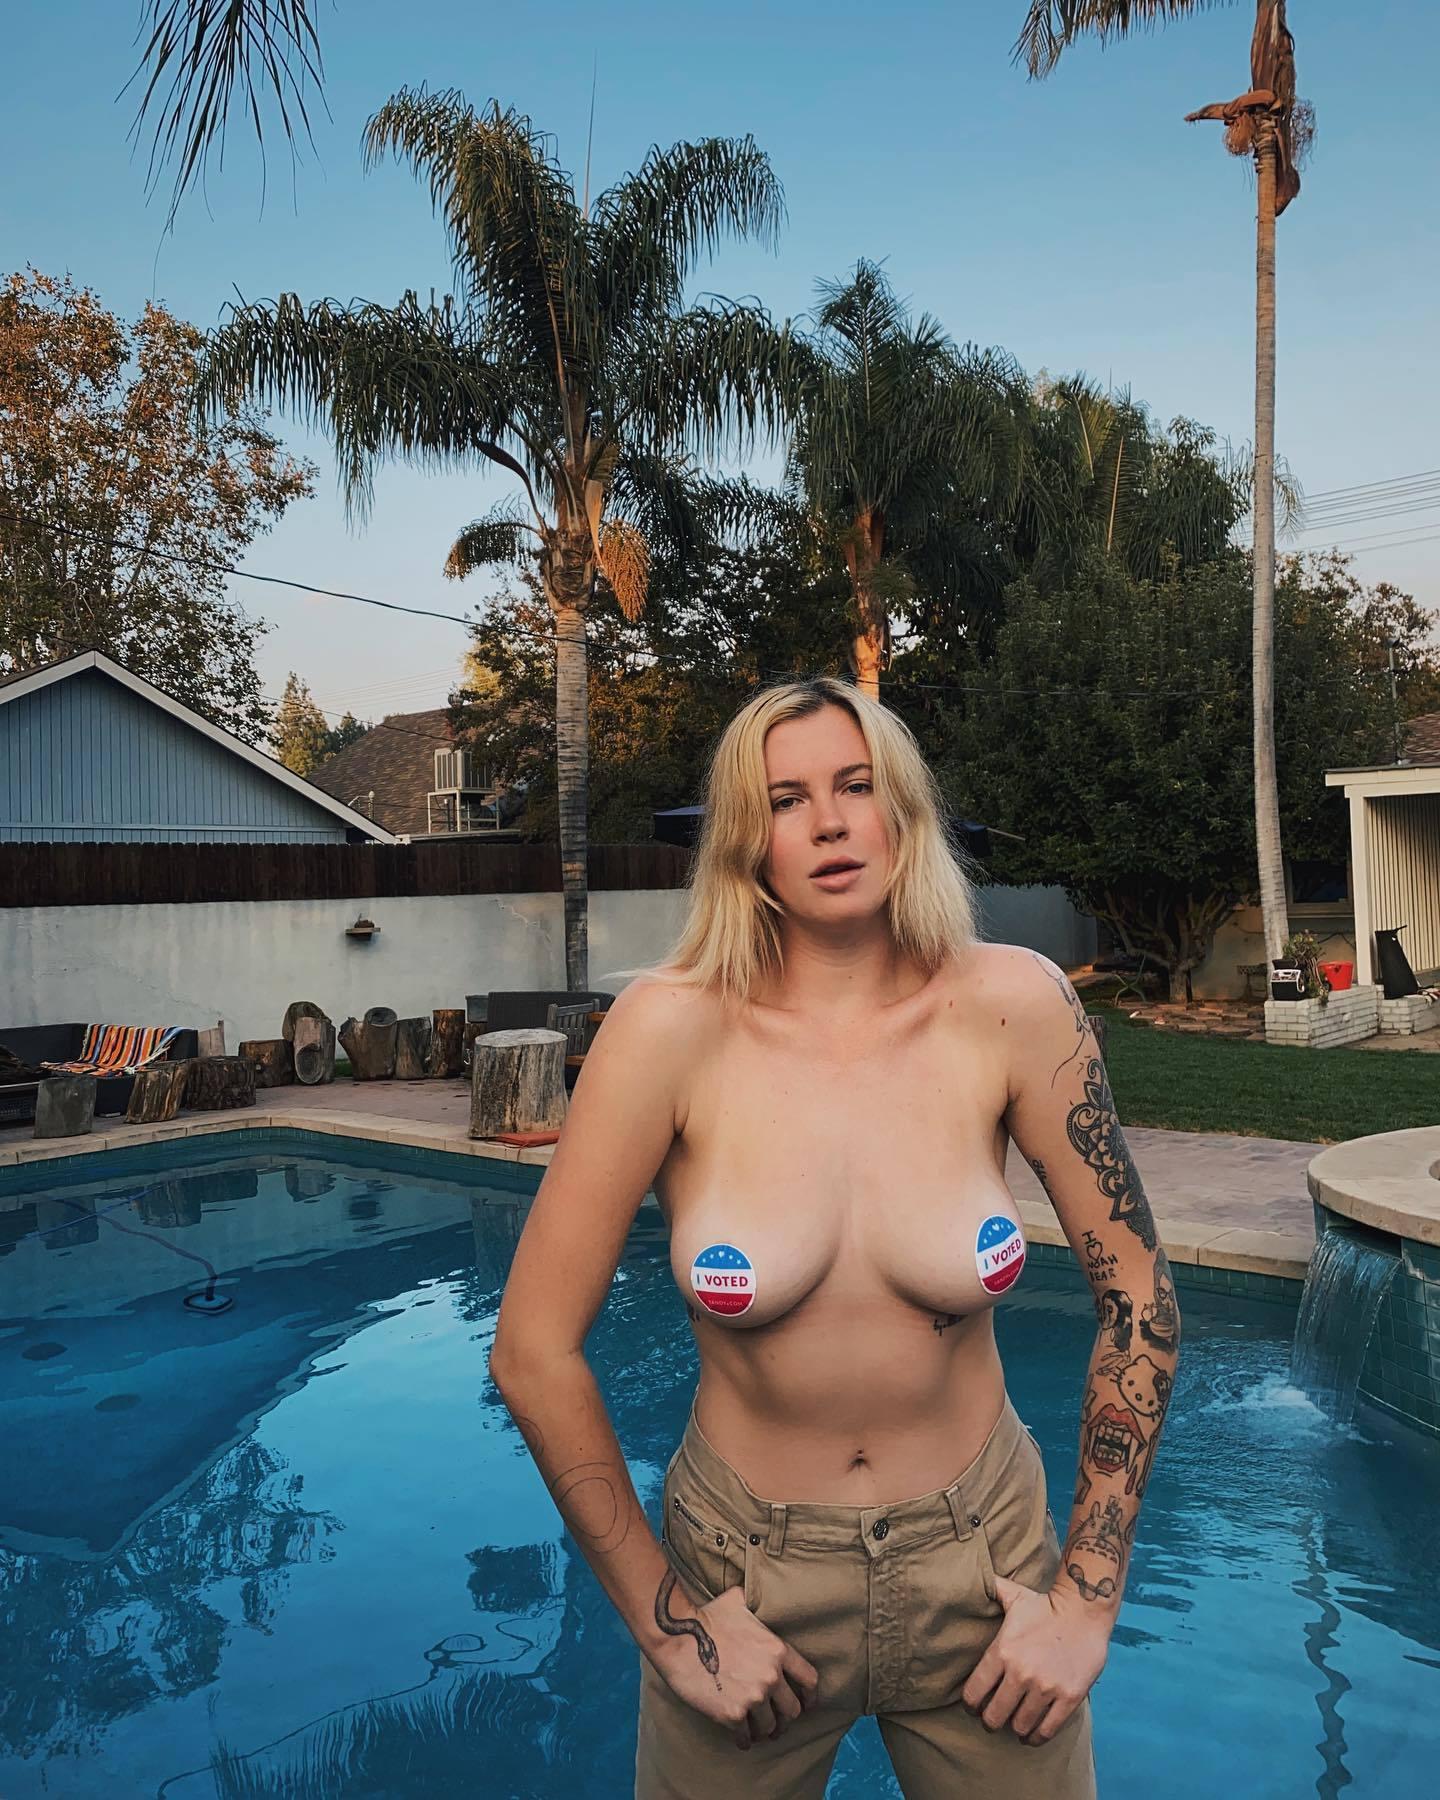 Ireland Baldwin Topless Boobs